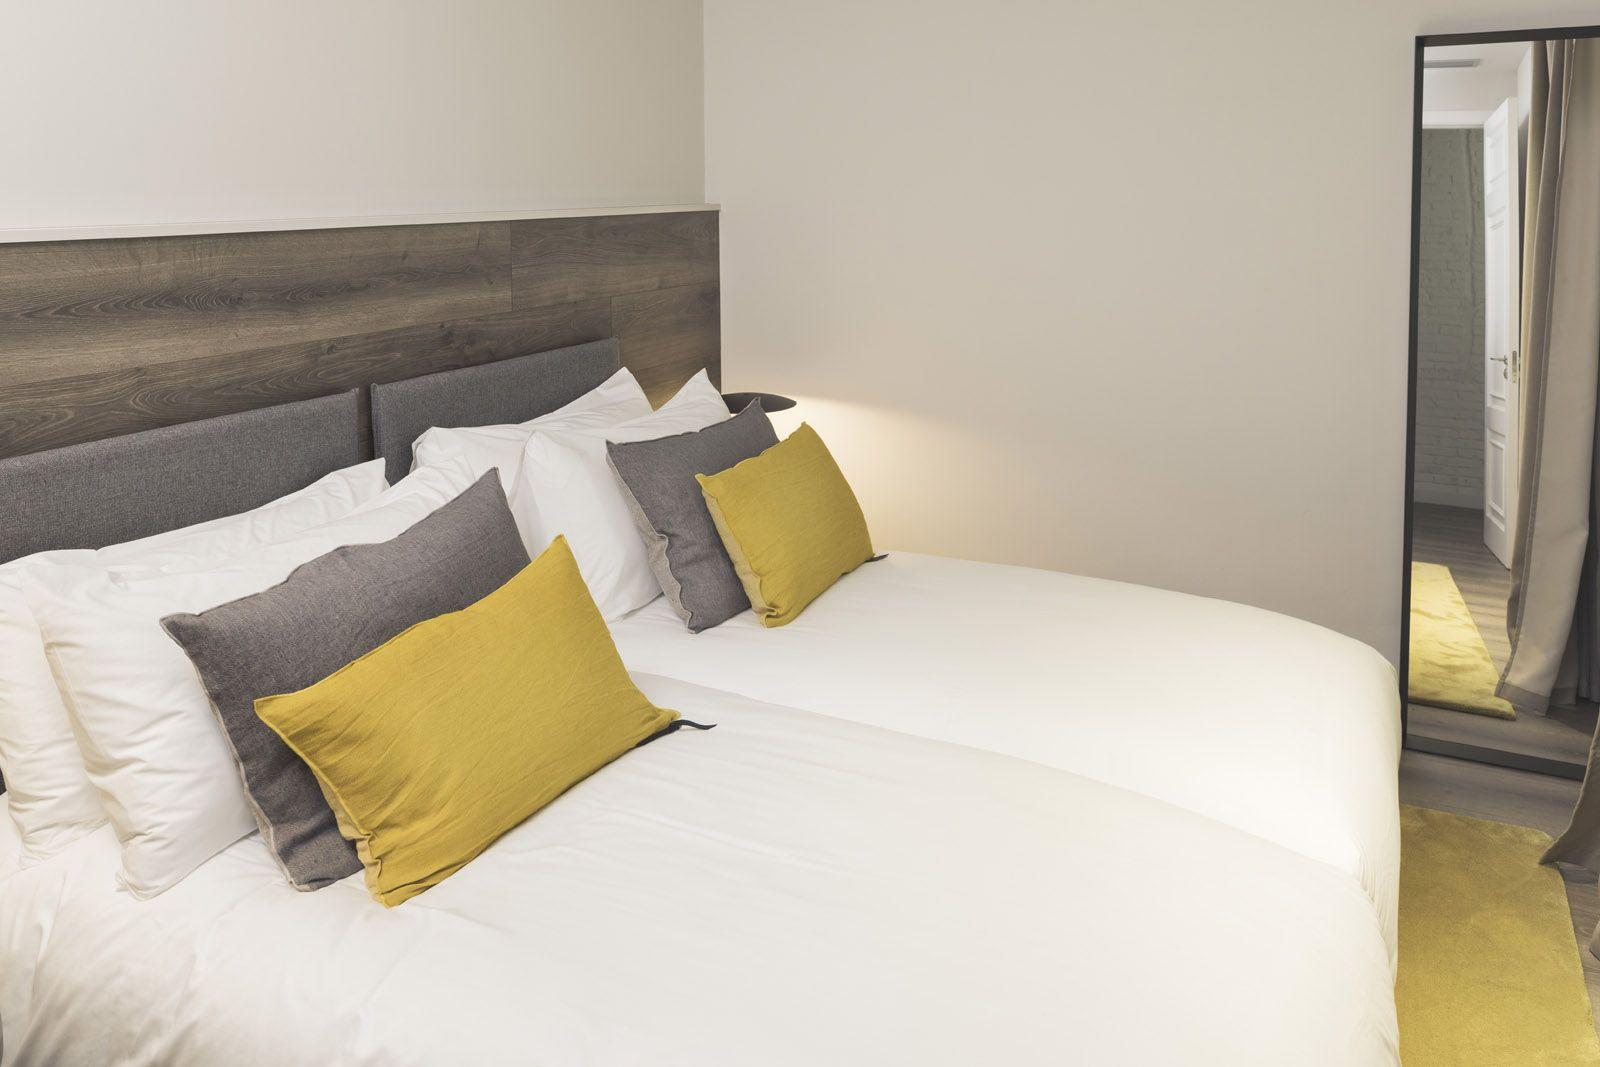 Dormitorio 4. Superficie 20 m2 - Camas individuales gemelas.